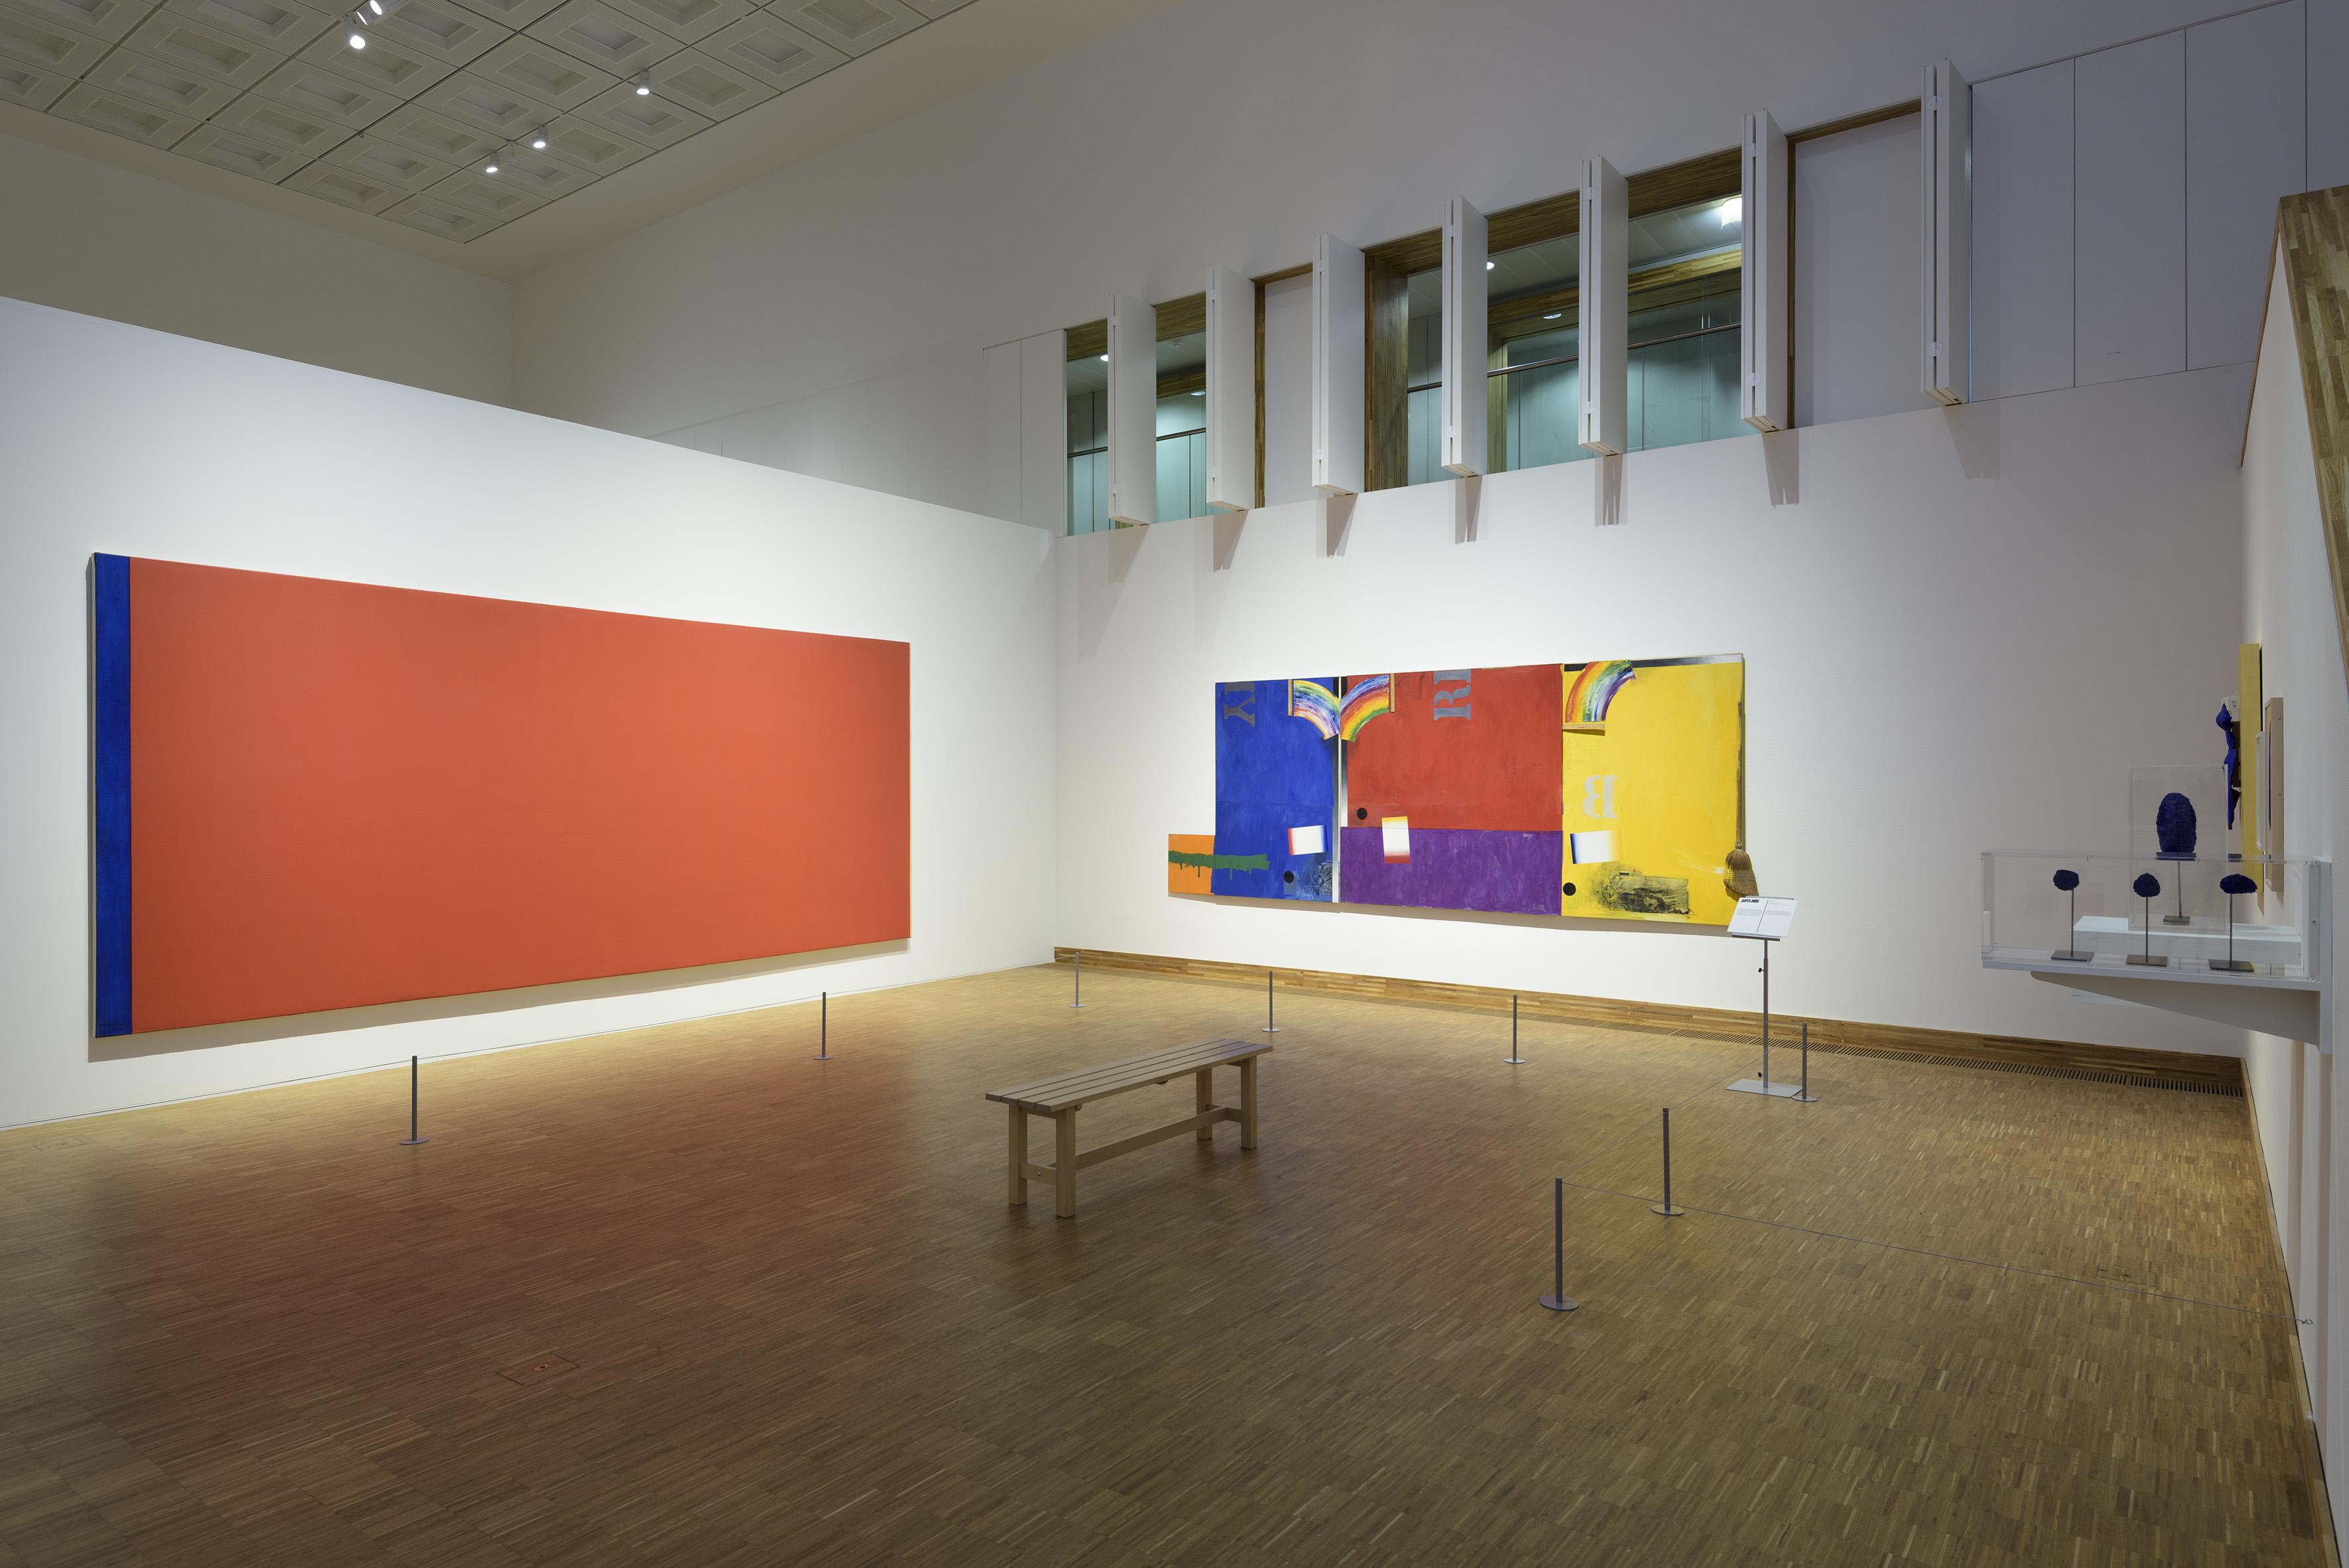 Zaaloverzicht De kleuren van De Stijl met Barnett Newman, Jasper Johns en Yves Klein